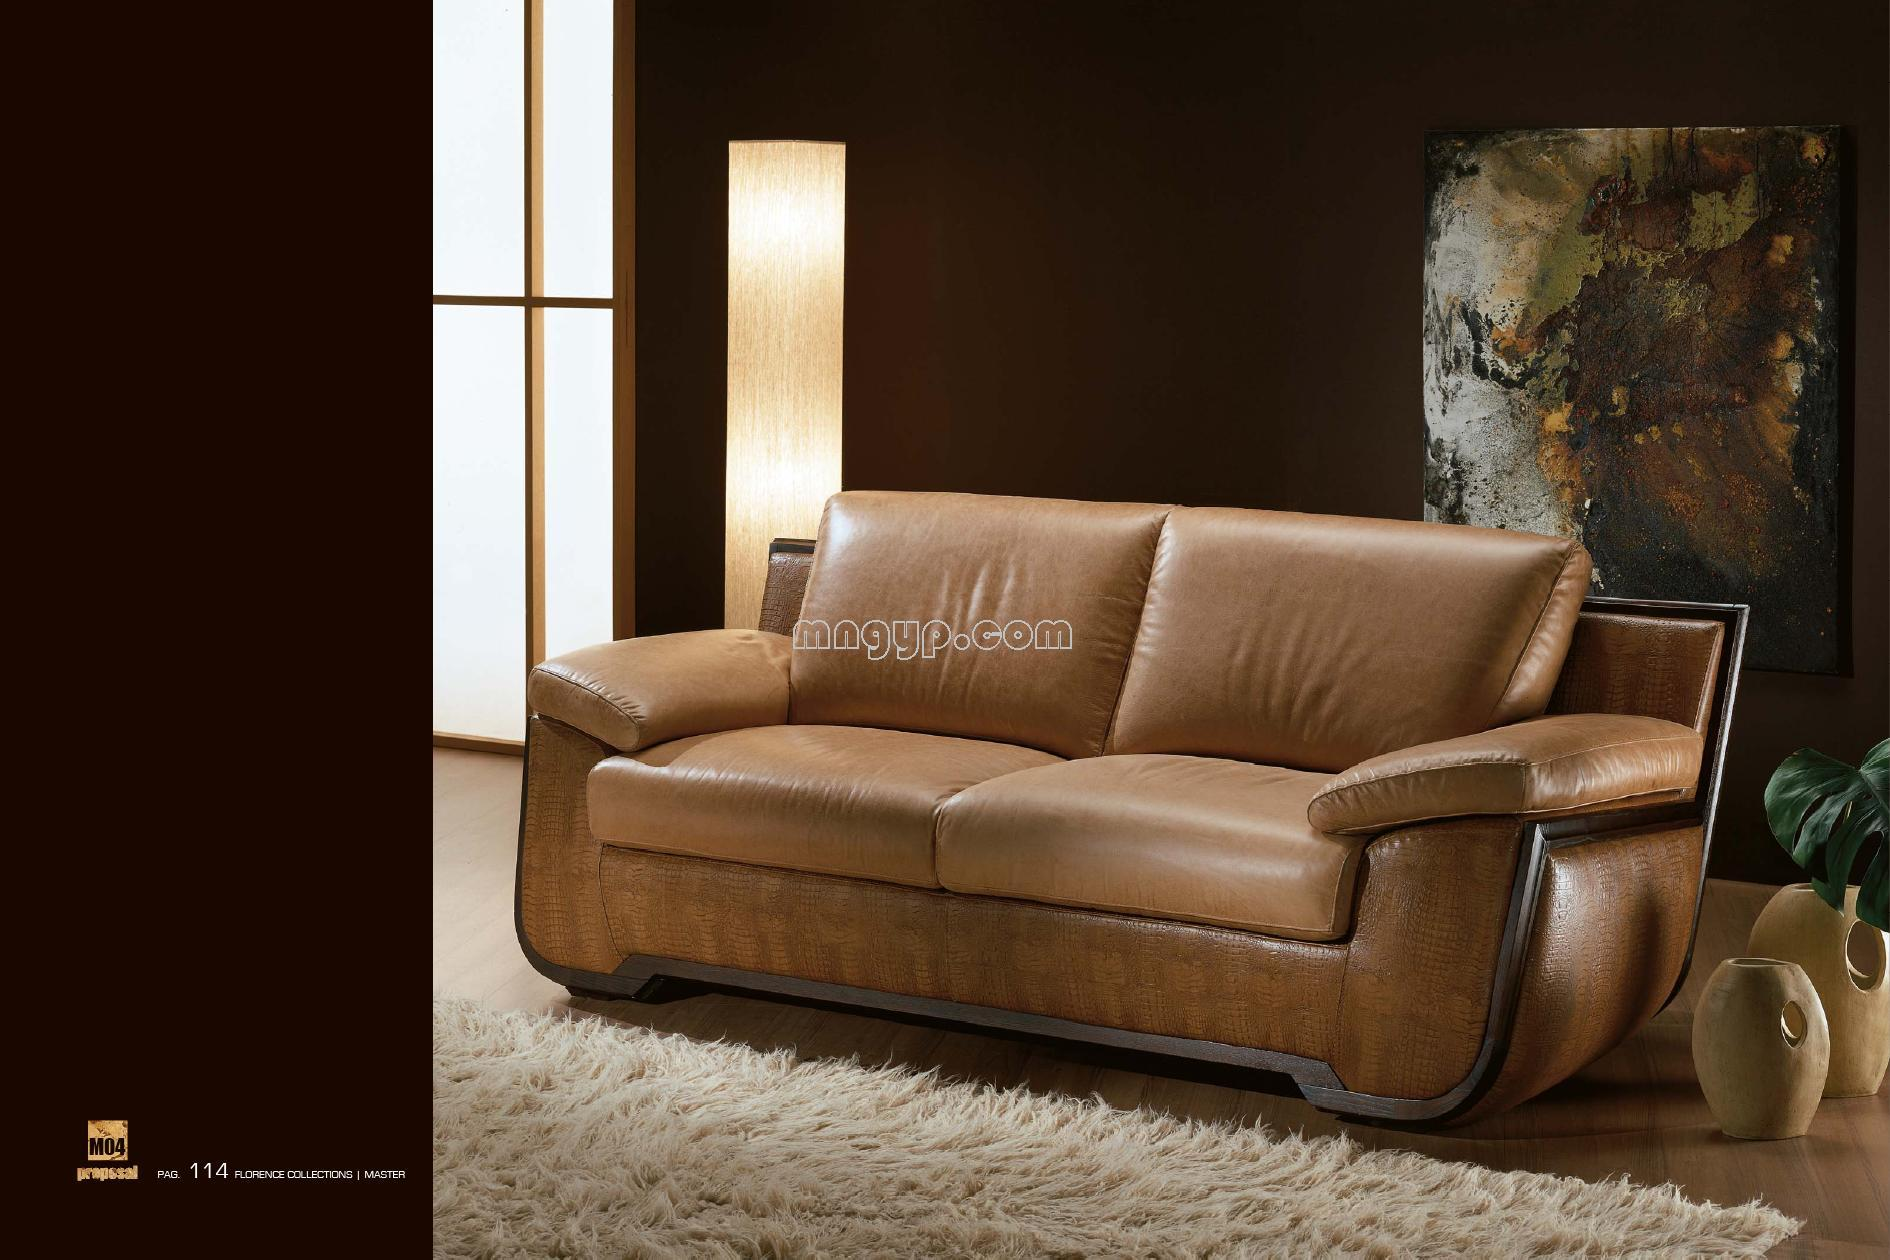 沙发素材_礼品设计